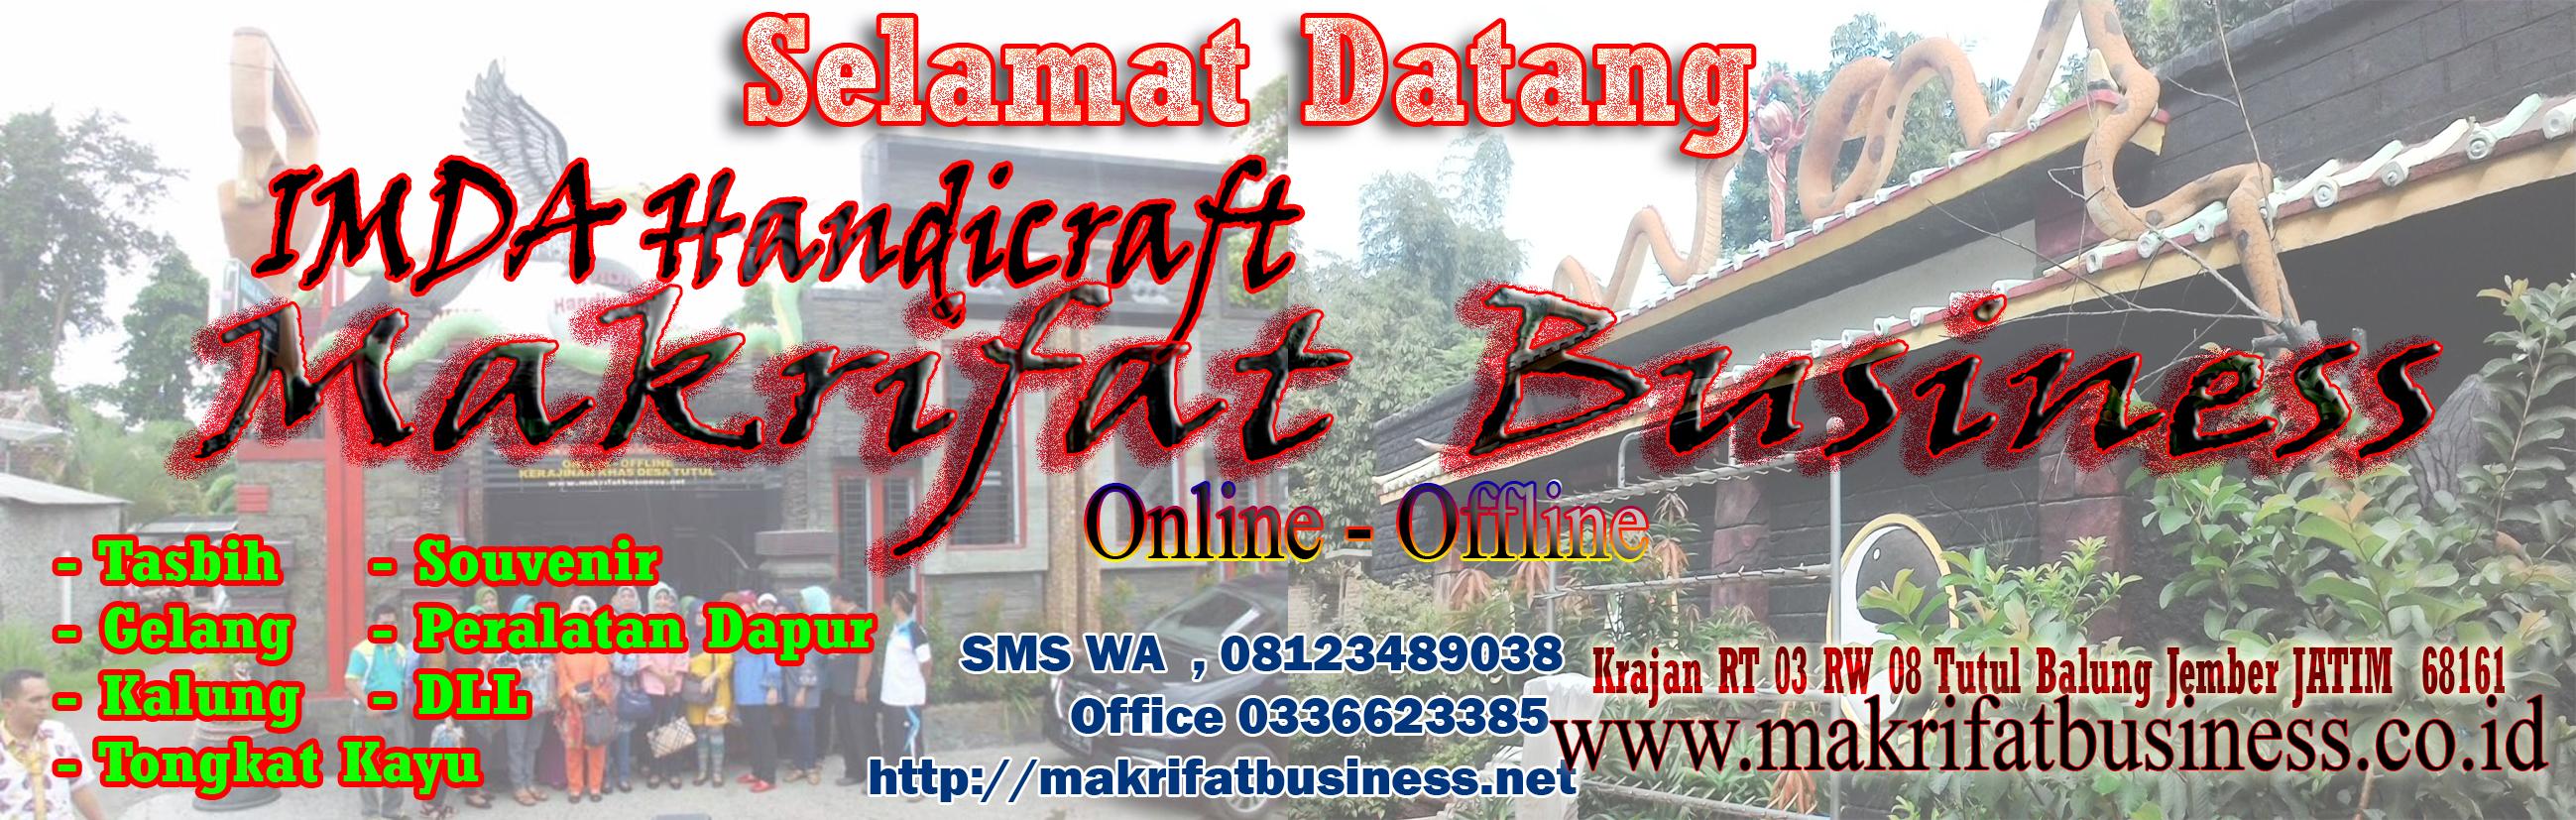 Banner_Mb_4.jpg